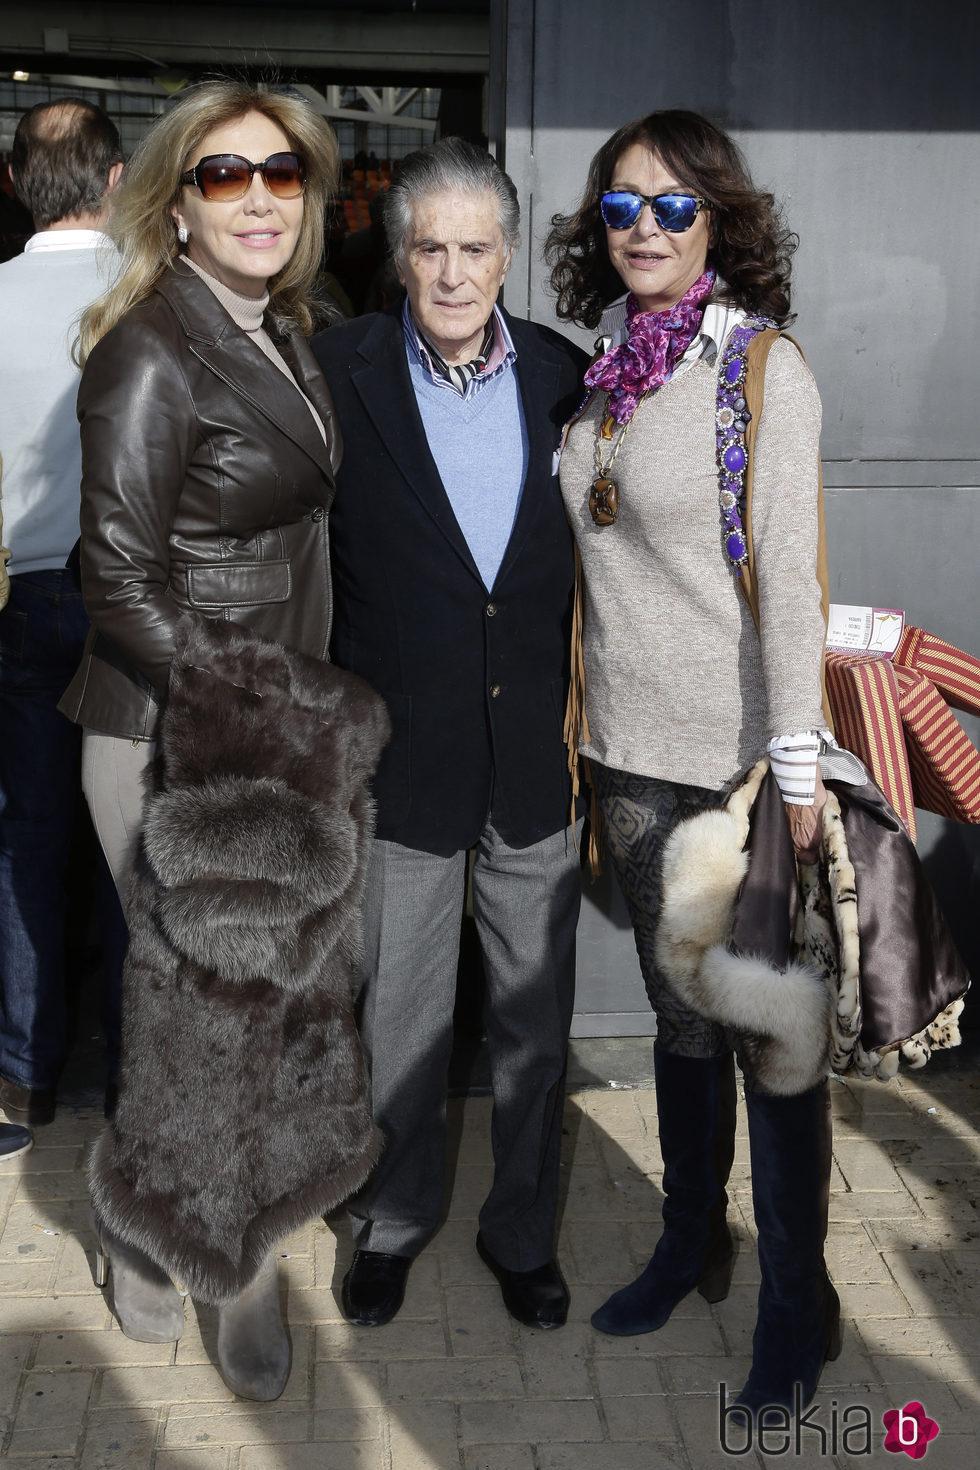 Norma Duval con Jaime Ostos y María Ángeles Grajal en el festejo taurino en Illescas en Toledo